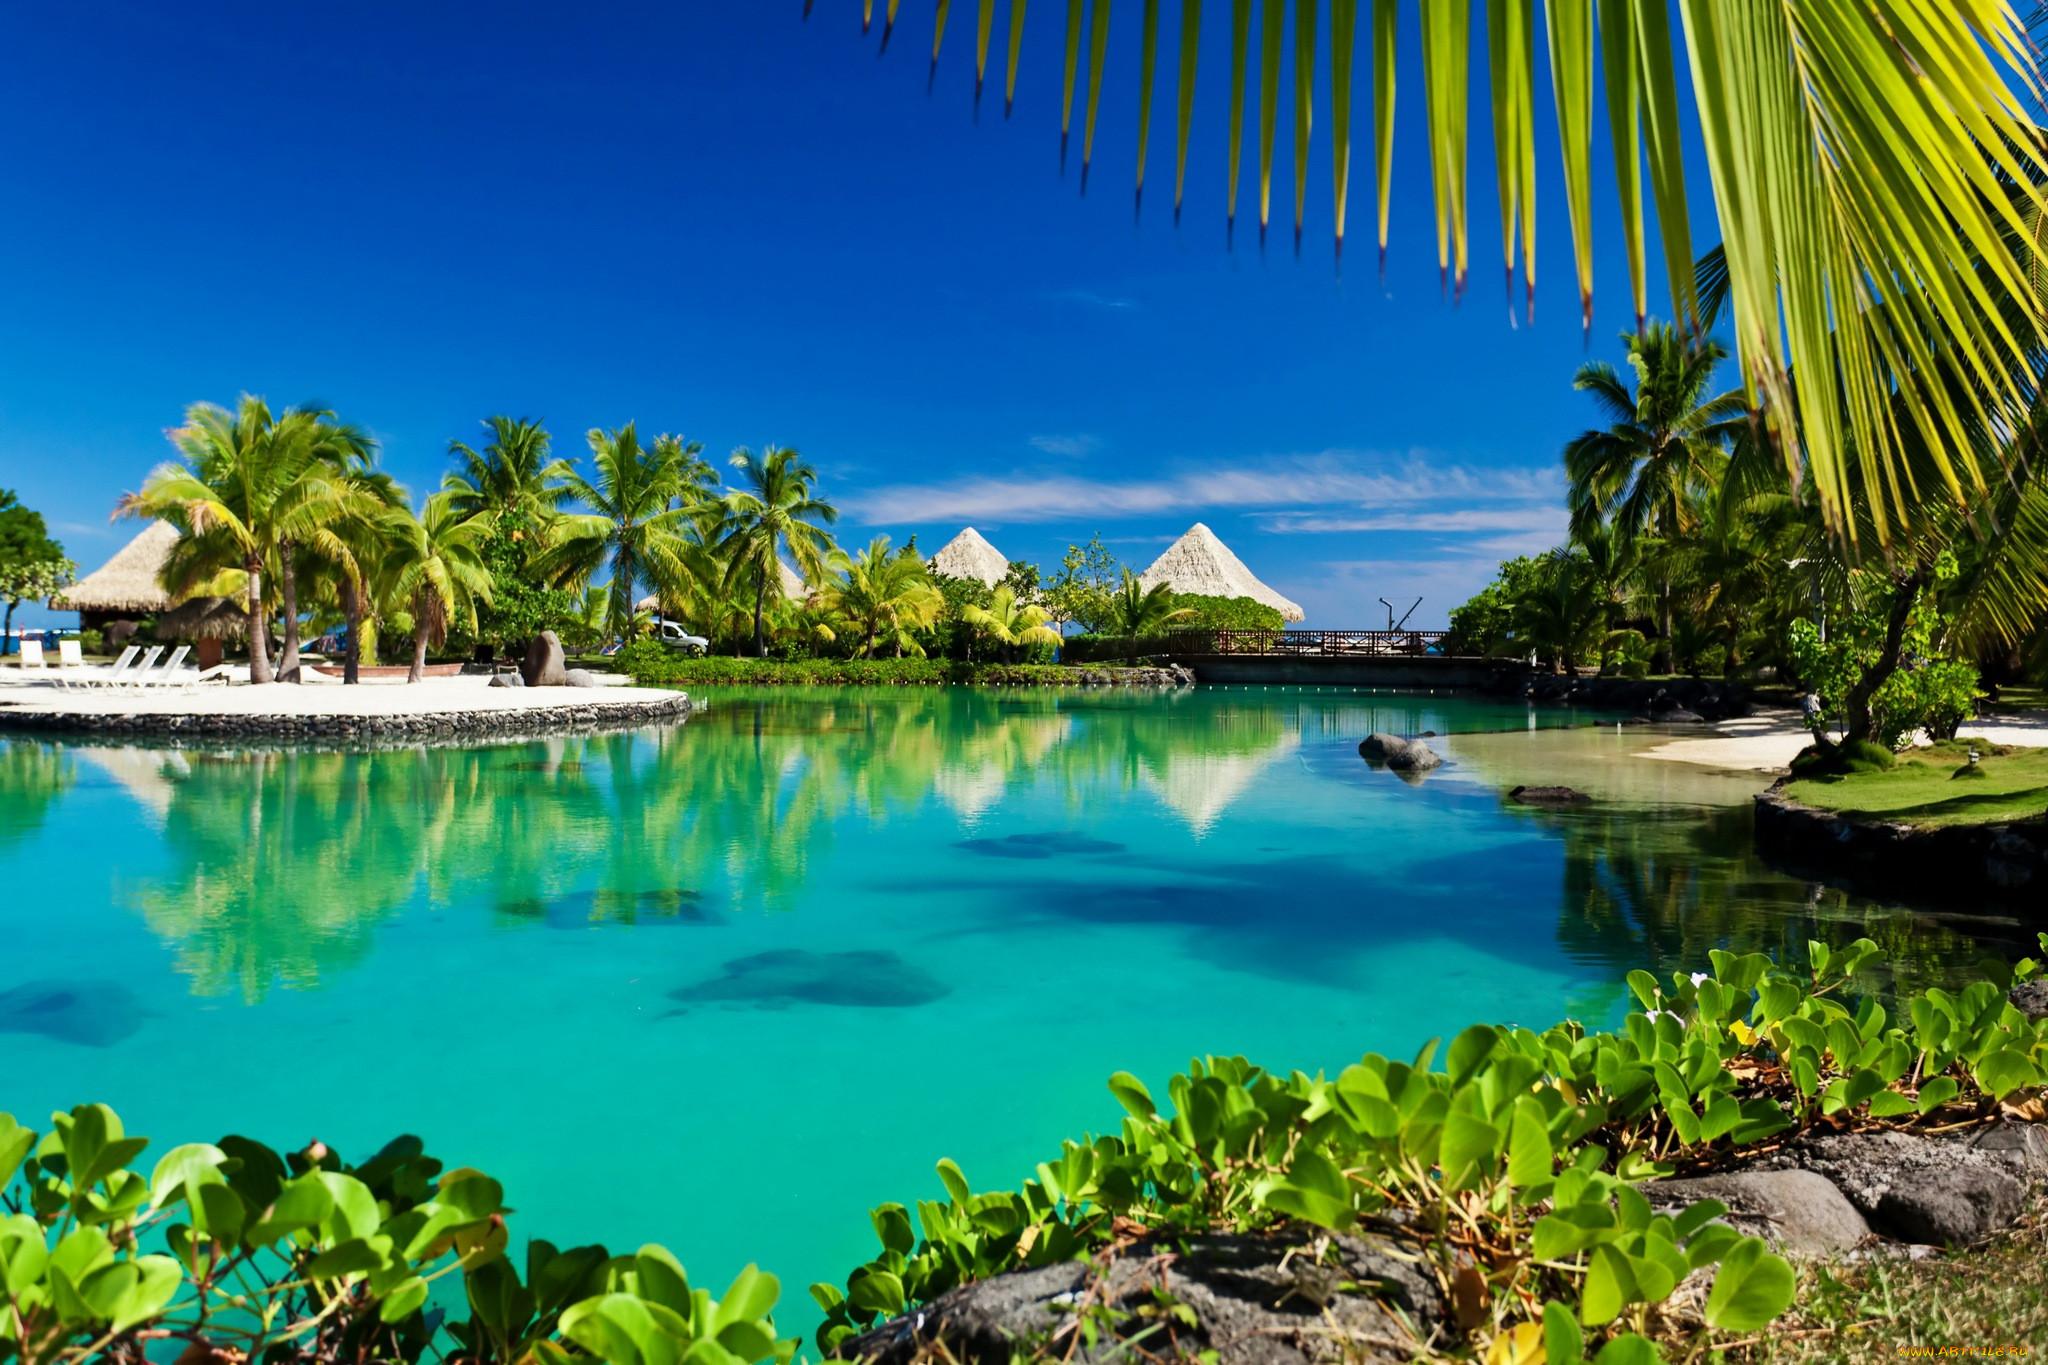 обои на рабочий стол пляж море пальмы бунгало обкатывать